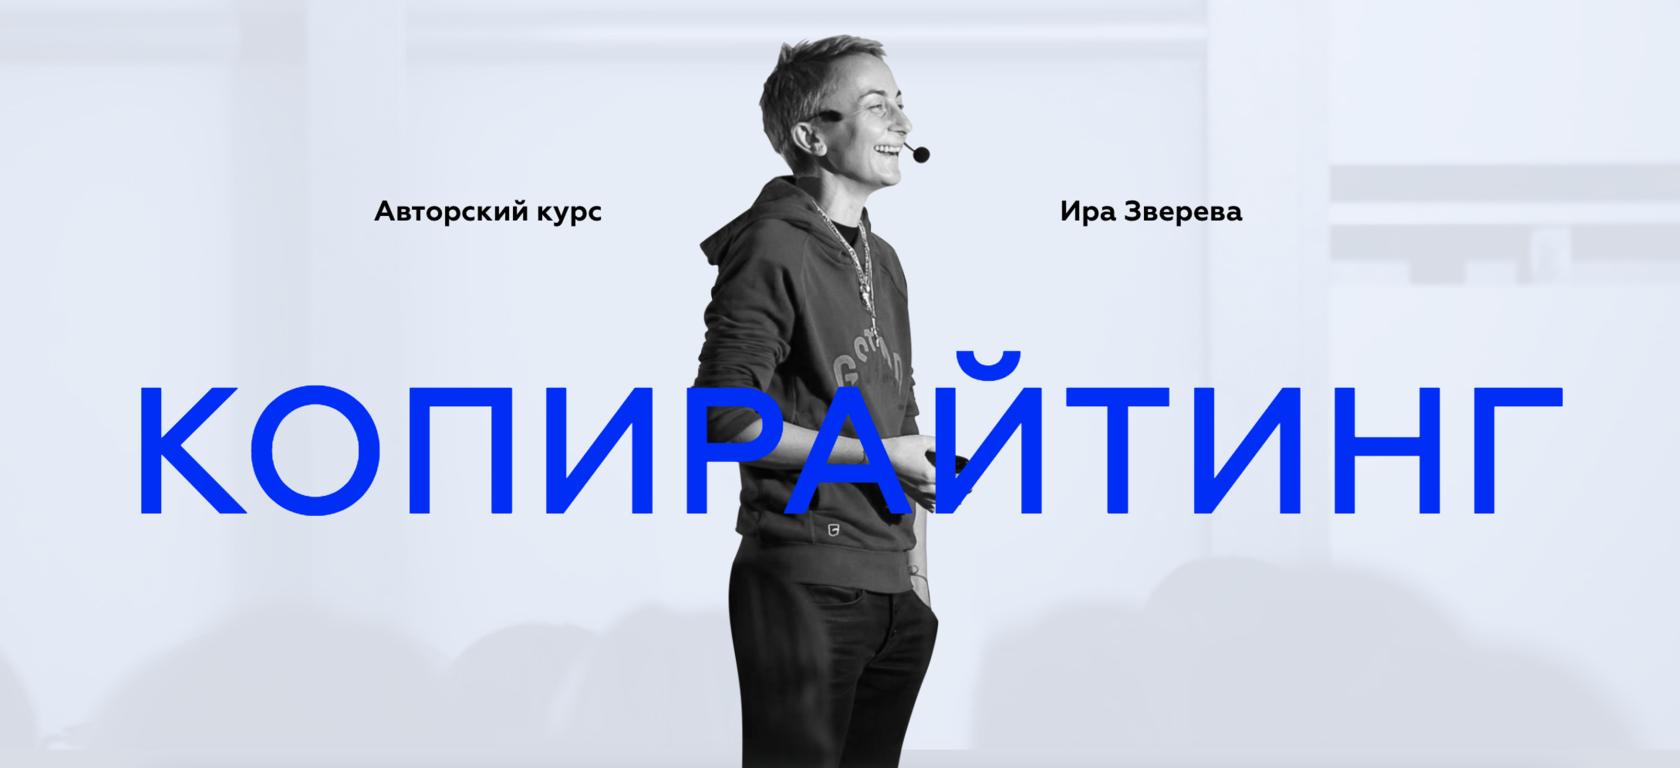 Авторский курс Иры Зверевой «Копирайтинг» Смешанный формат обучения. Москва.